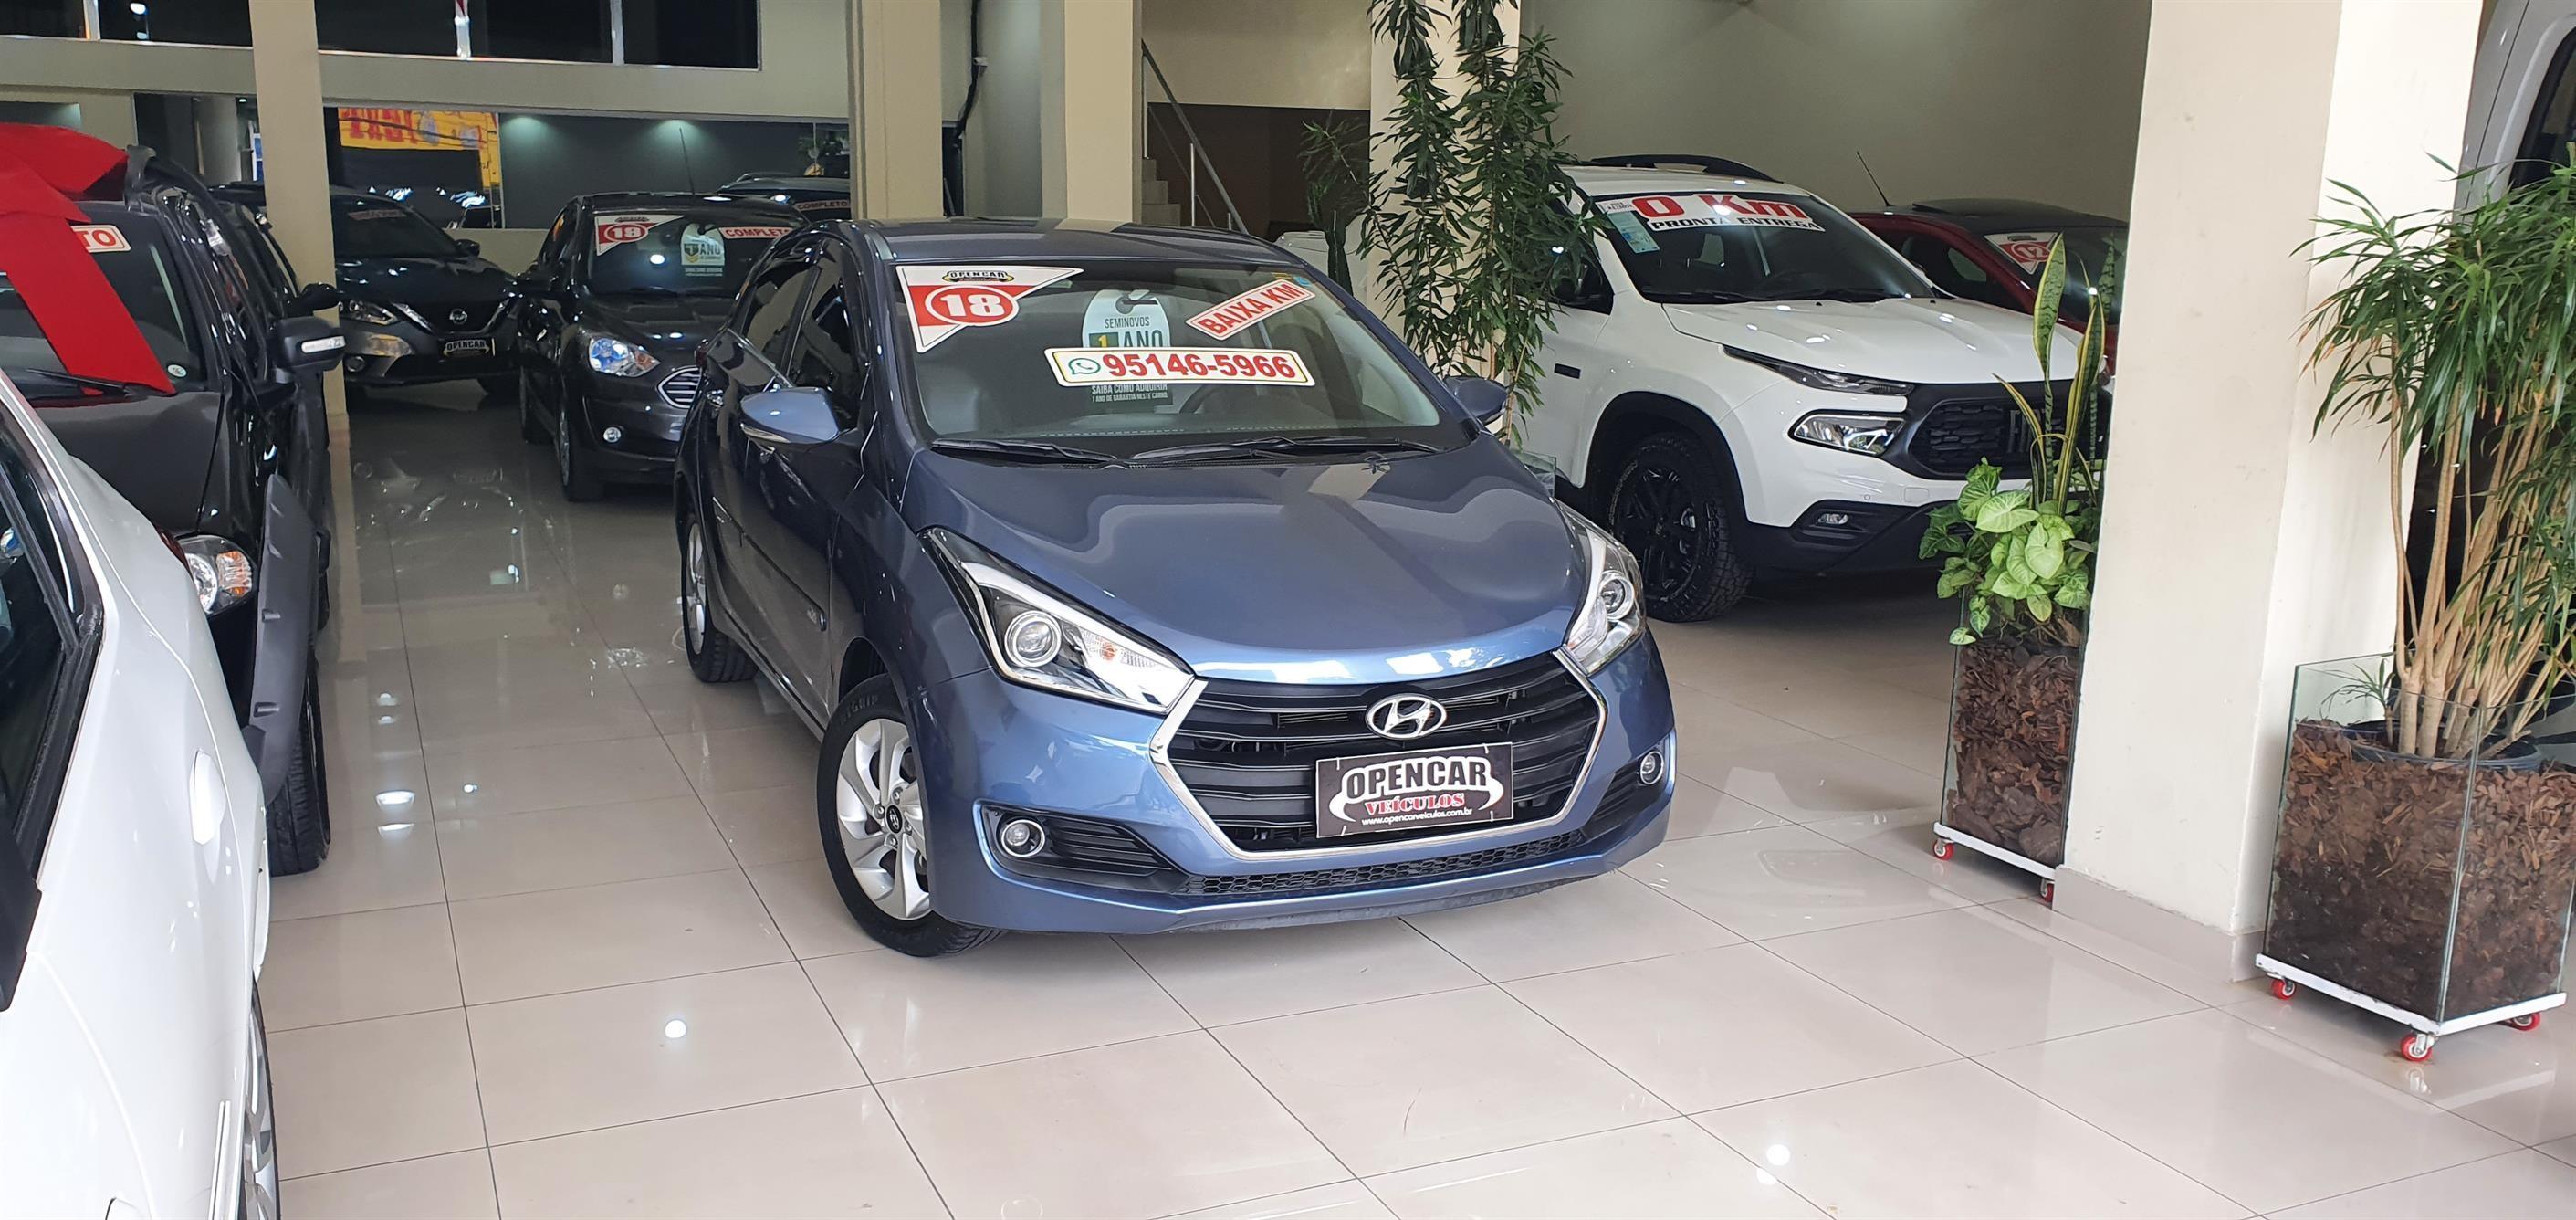 //www.autoline.com.br/carro/hyundai/hb20-16-premium-16v-flex-4p-automatico/2018/sao-paulo-sp/15760031